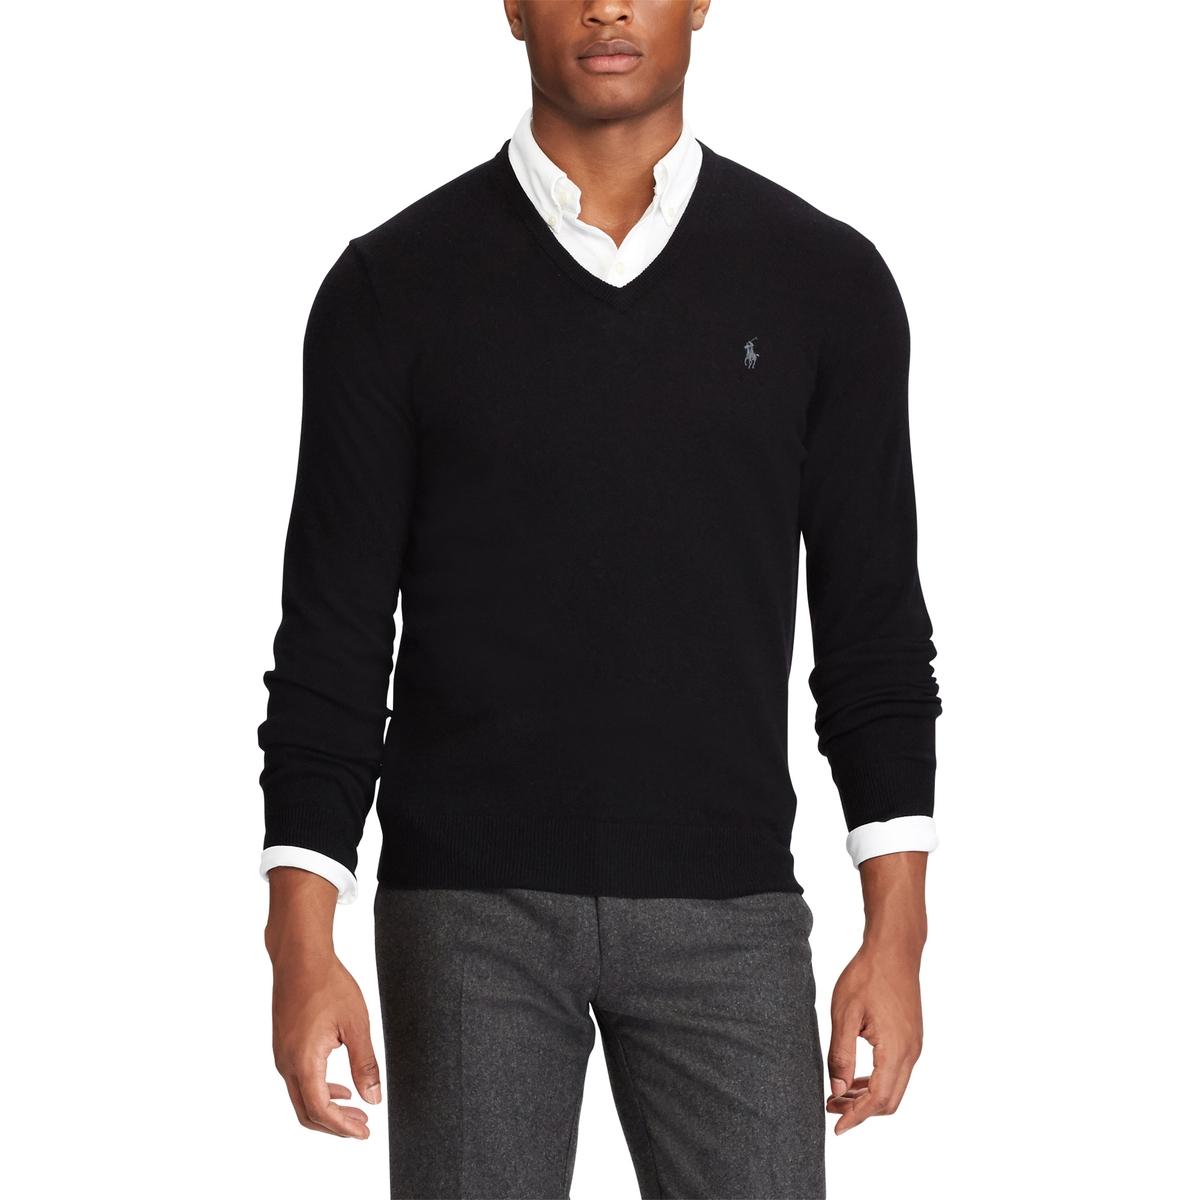 Пуловер La Redoute С V-образным вырезом из шерсти мериноса S черный пуловер la redoute с круглым вырезом из шерсти мериноса pascal 3xl черный